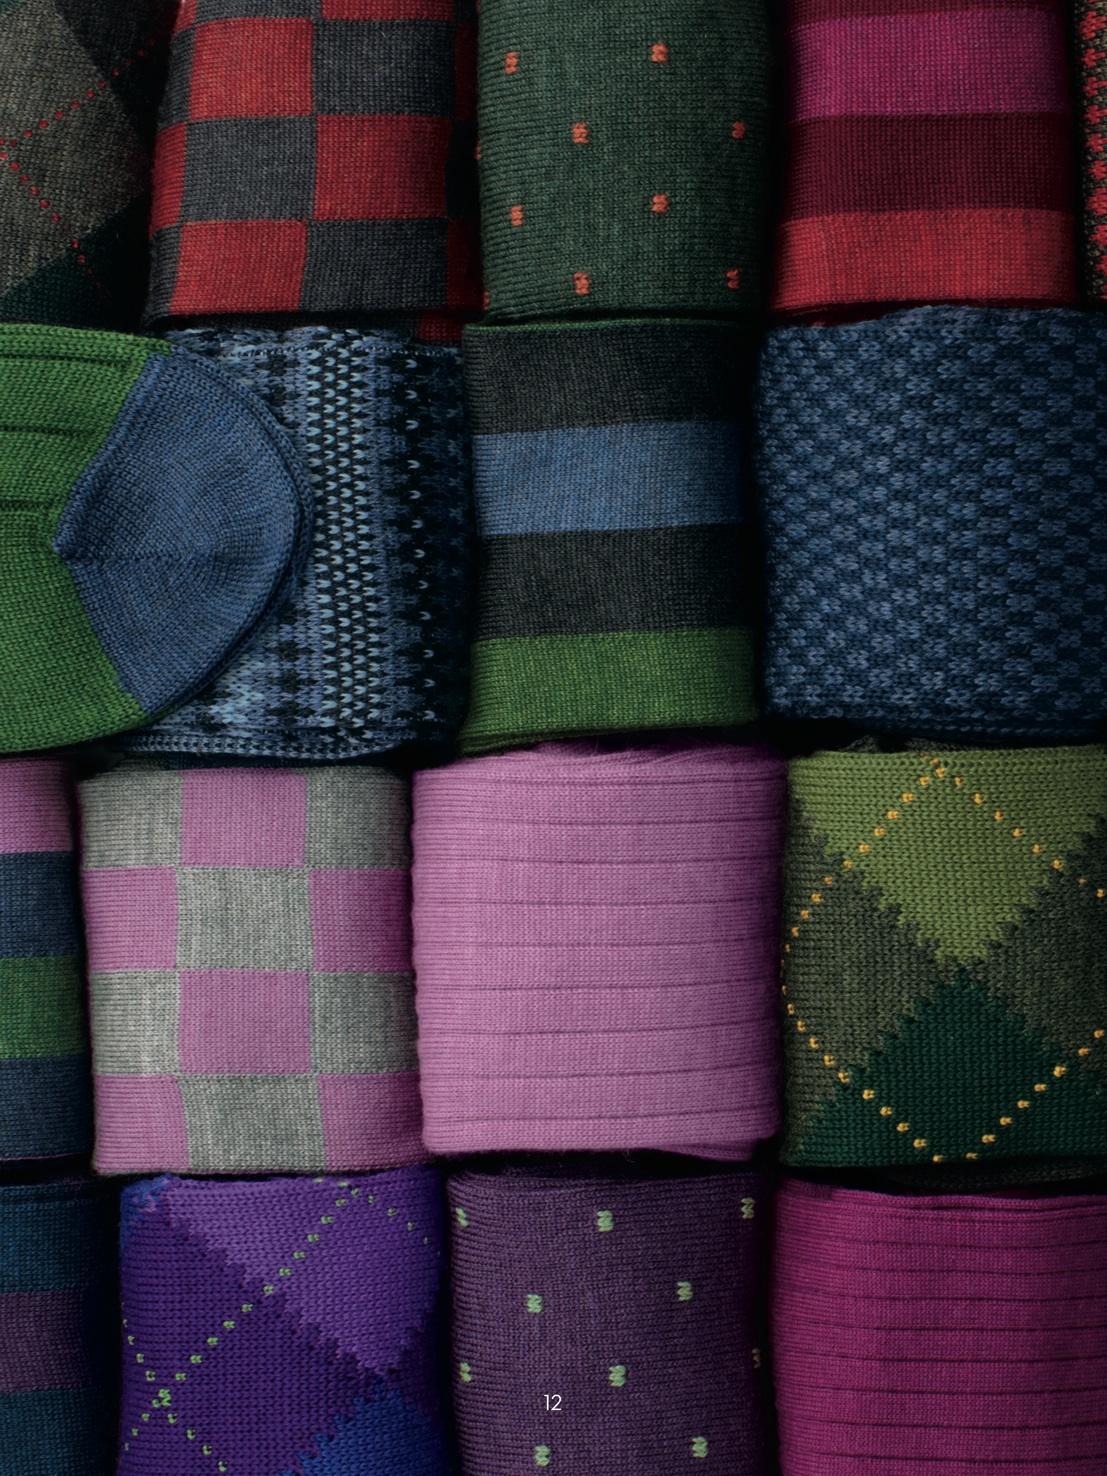 b247591e9f7aec Co wpływa na jakość skarpet? | Mr Vintage - rzeczowo o modzie ...